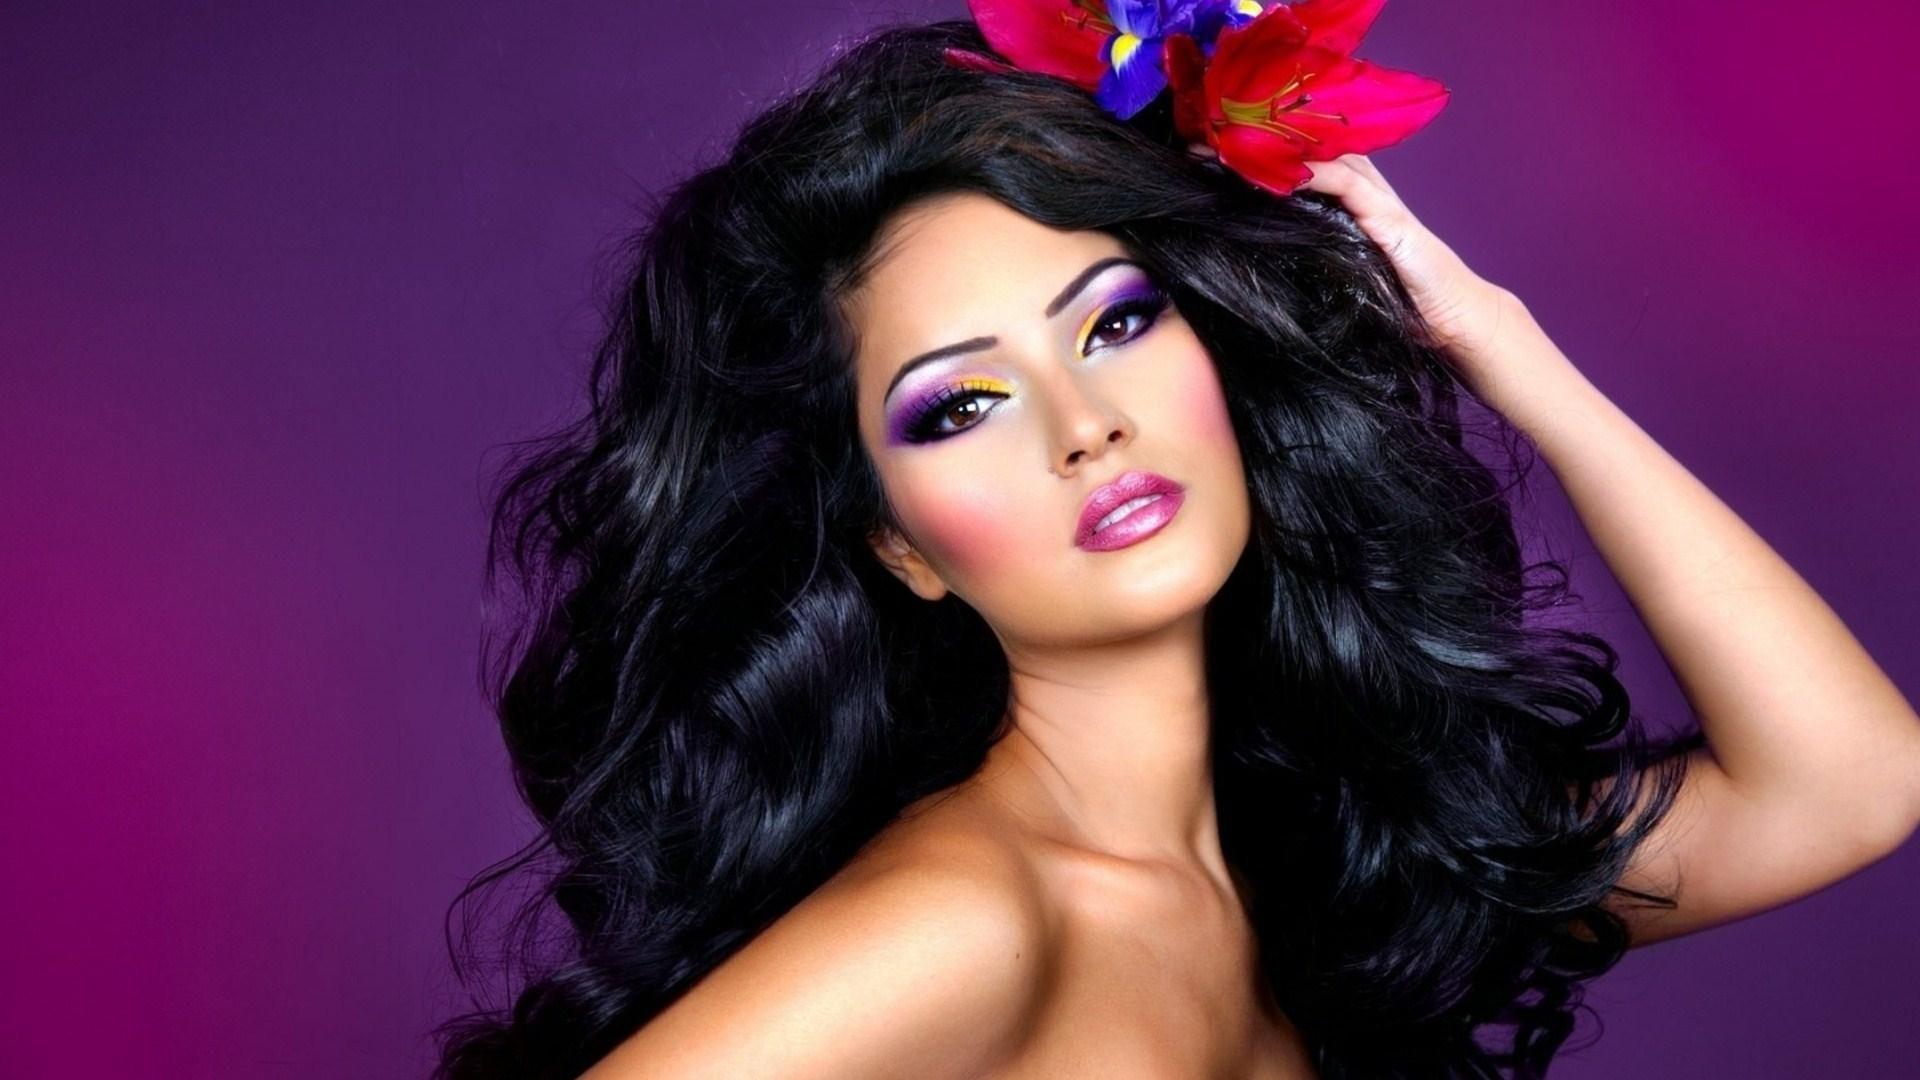 Beauty Brunette Lady